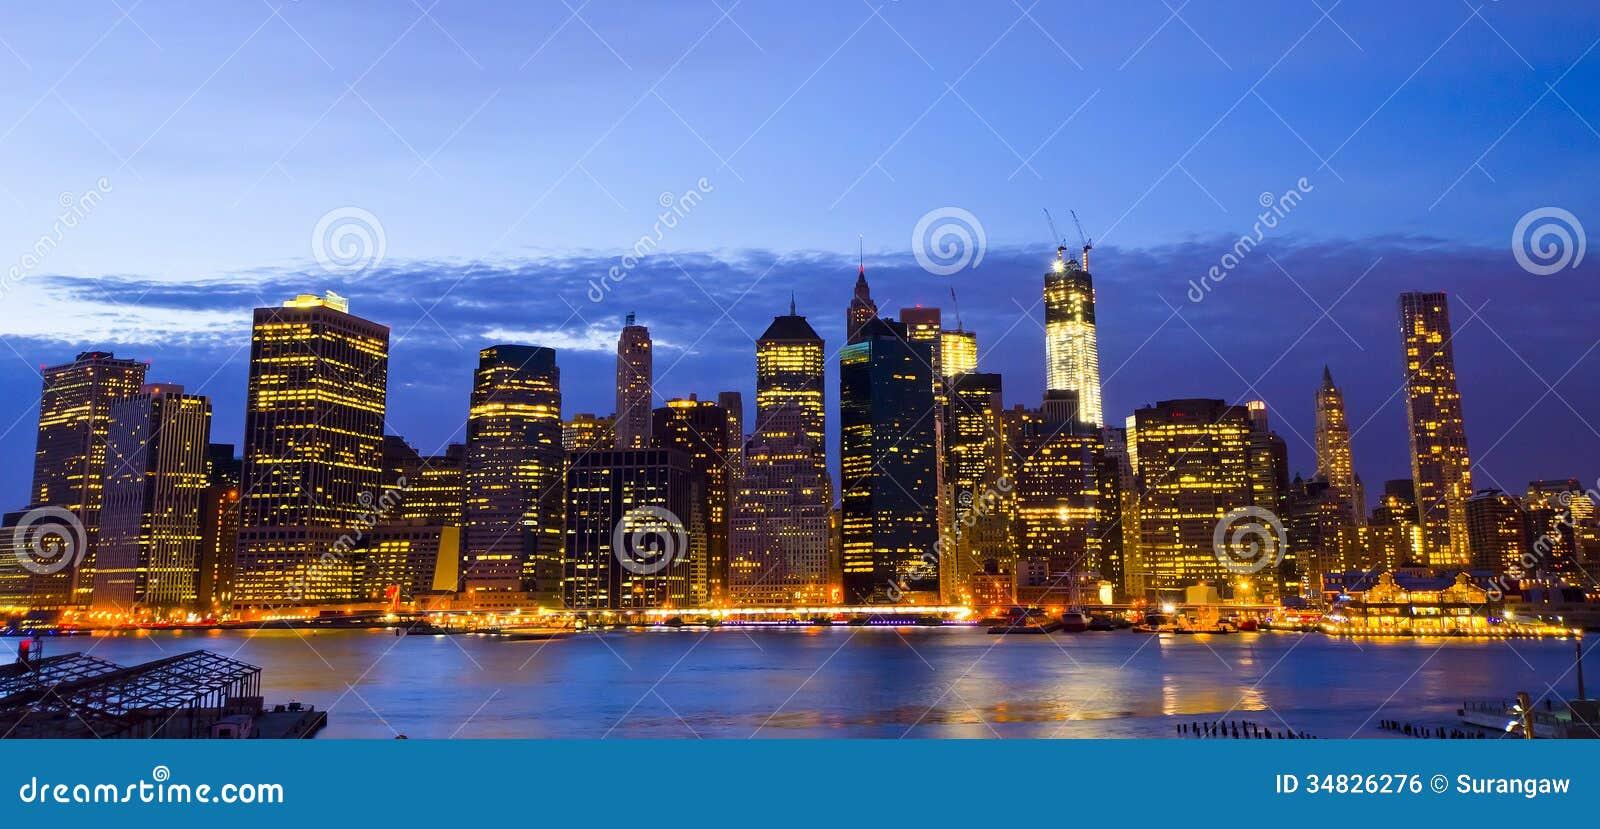 New- Yorkskyline und Liberty Statue nachts, NY, USA